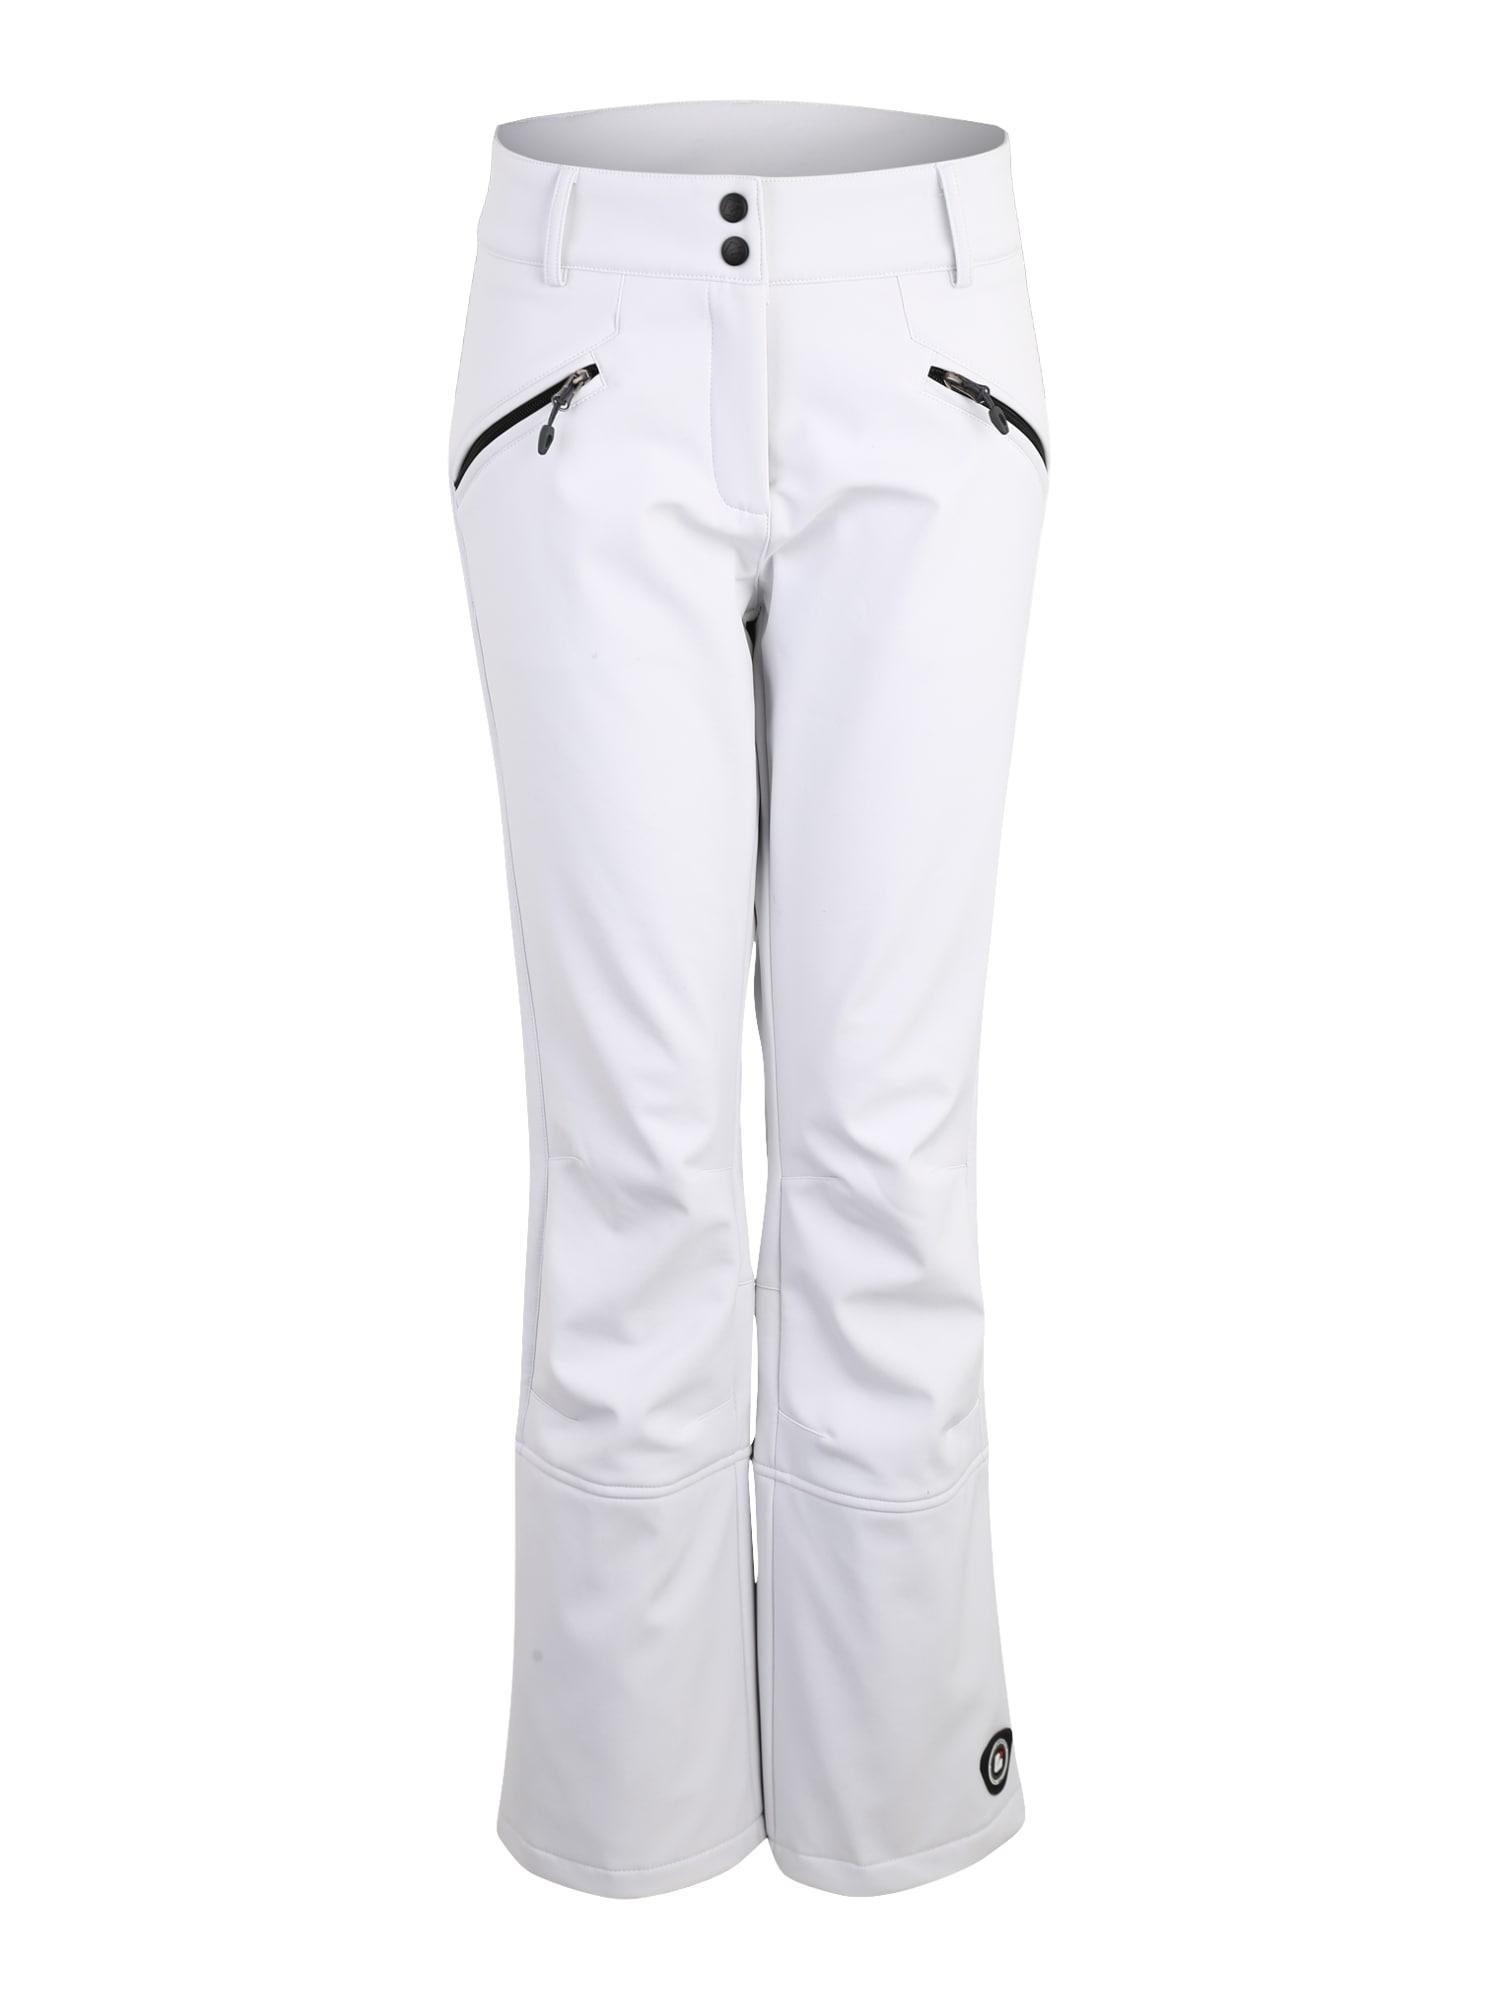 Outdoorové kalhoty Nynia bílá KILLTEC